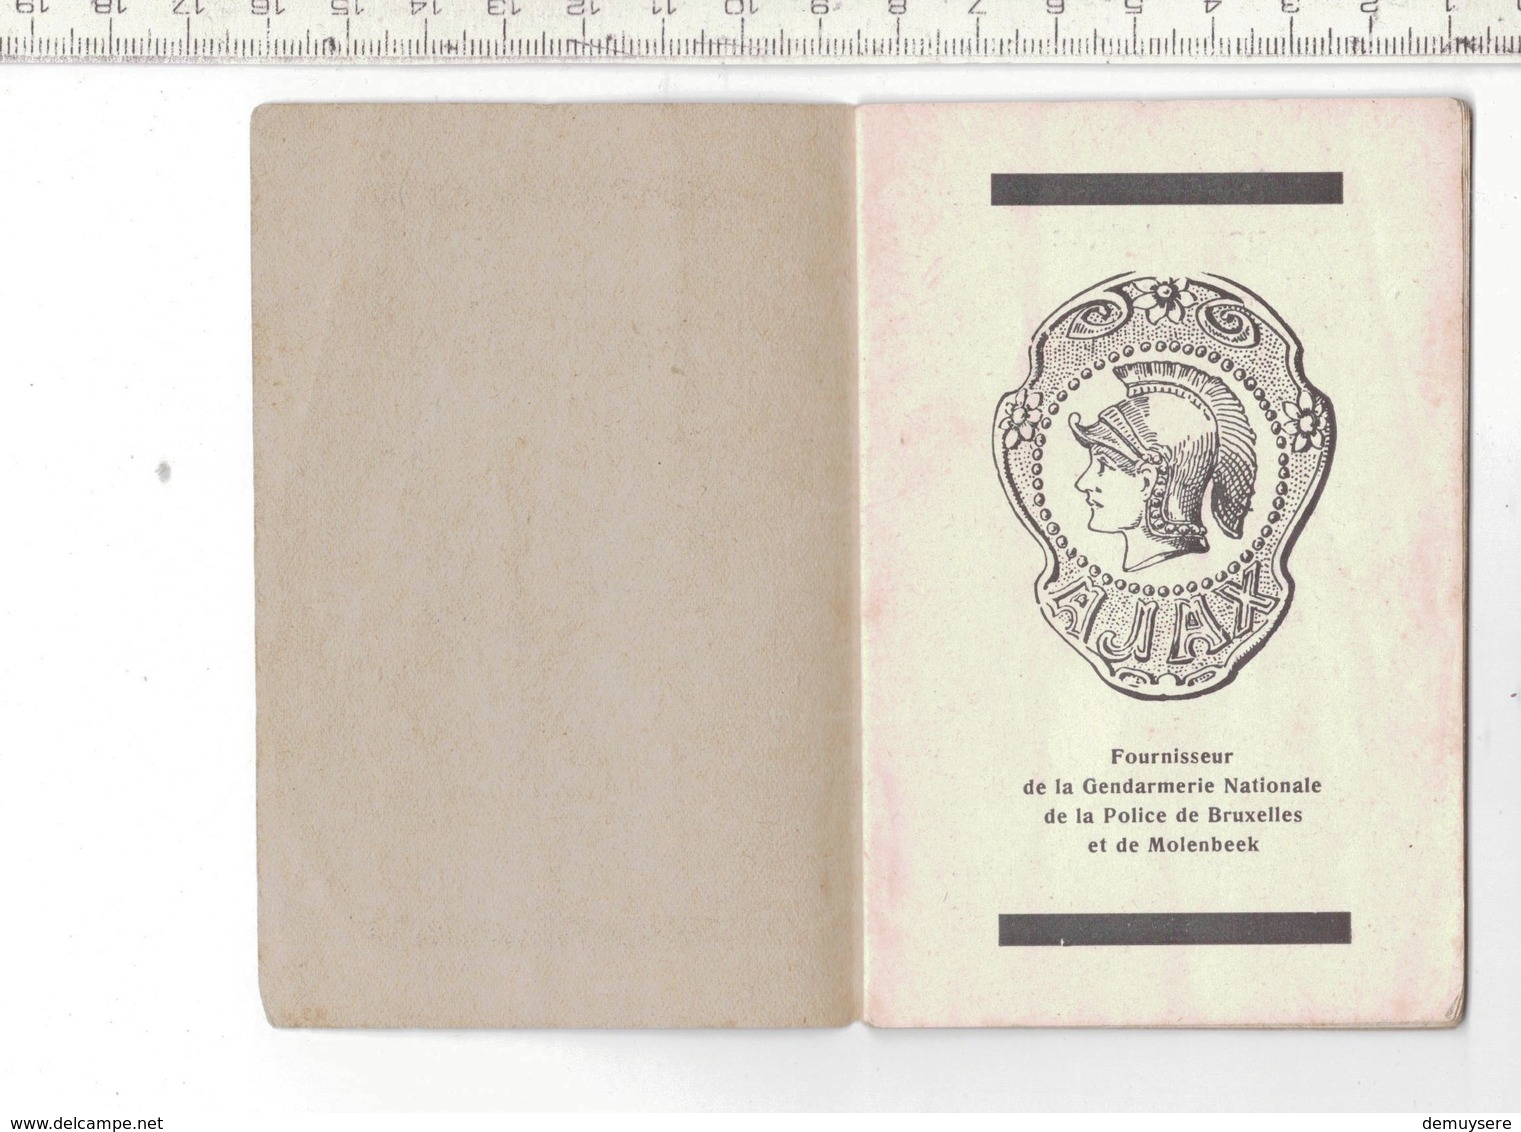 Kl 9372 - Comment Regler Mon Velo Ajax - Fournisseur De La Gendarmerie Nationale - Molenbeek - 16 PAGES - 7.7 X 11.8 CM - Publicités